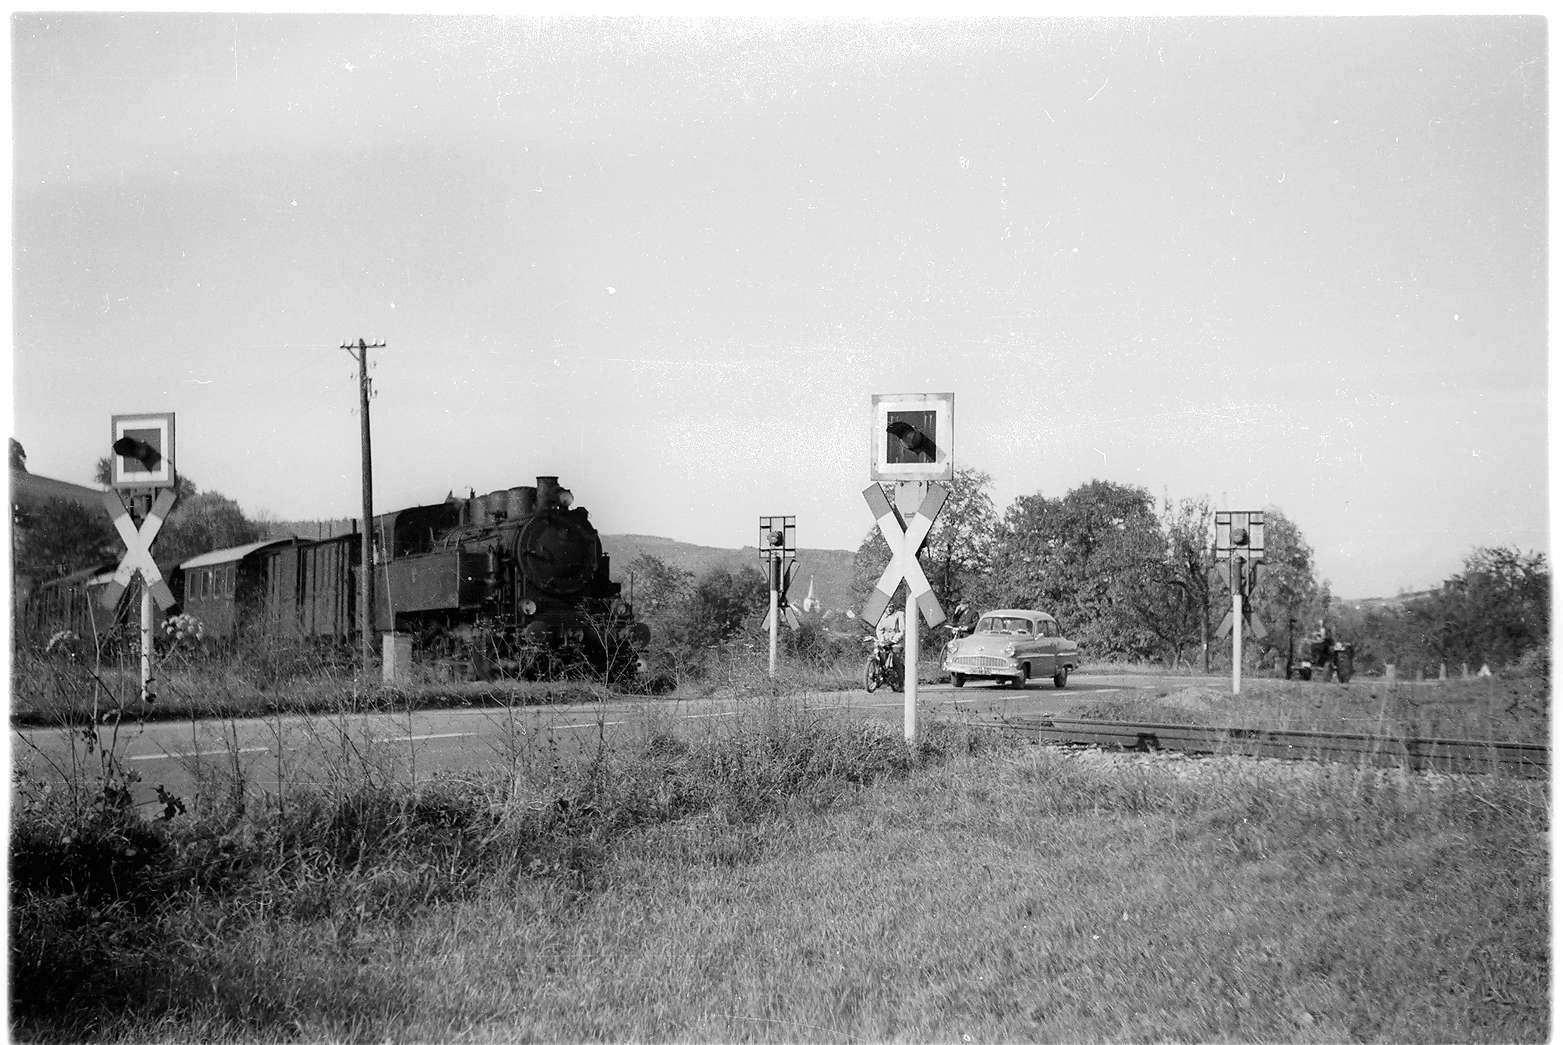 Strecke Jungingen - Killer, Bahnübergang der B 32 noch ohne Halbschranken, veröffentlicht im Bildband 2007, Bild 1